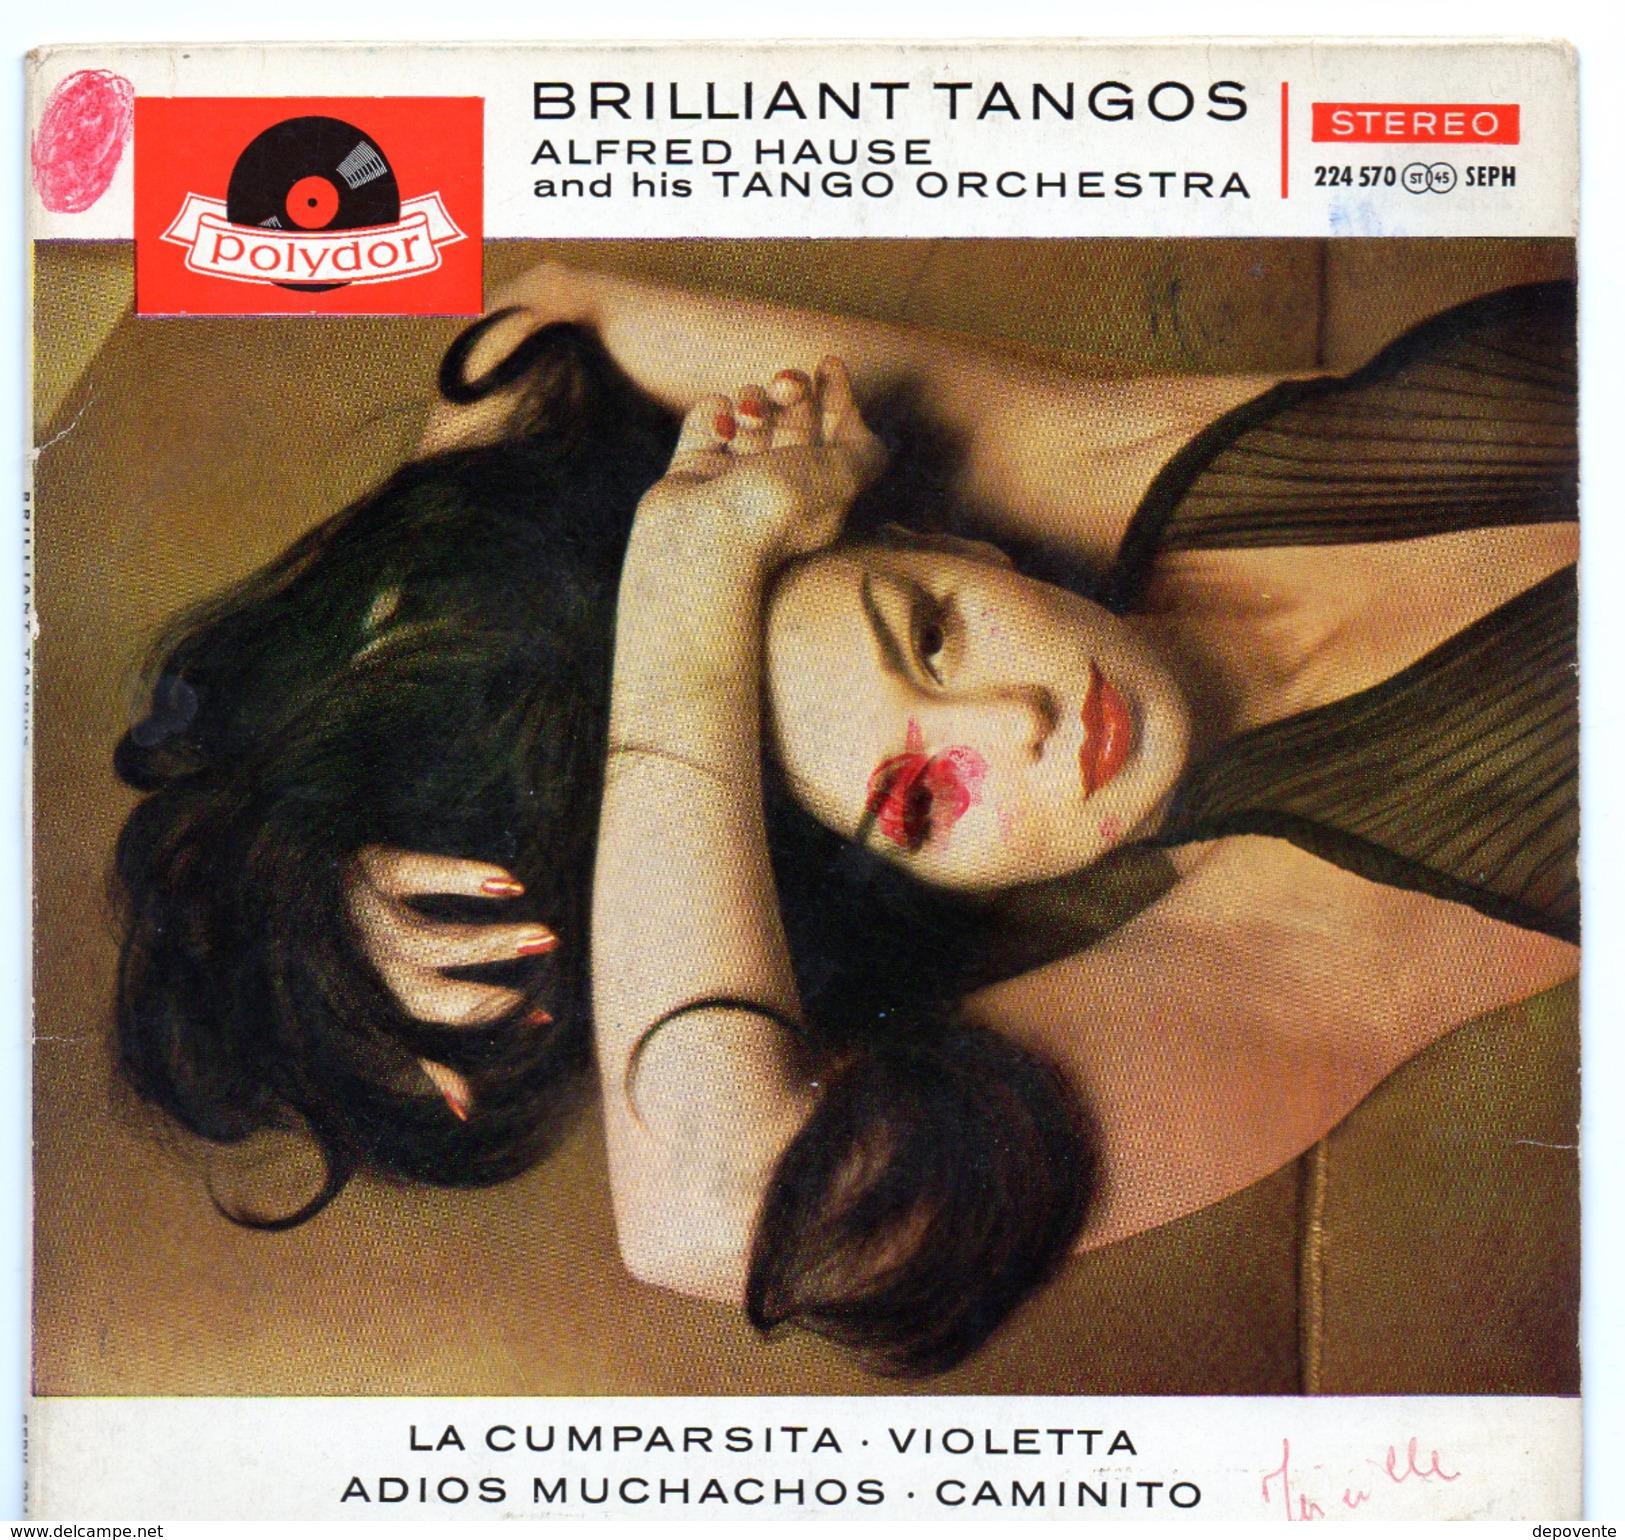 45T : ALFRED HAUSE - BRILLIANT TANGOS - Musicals